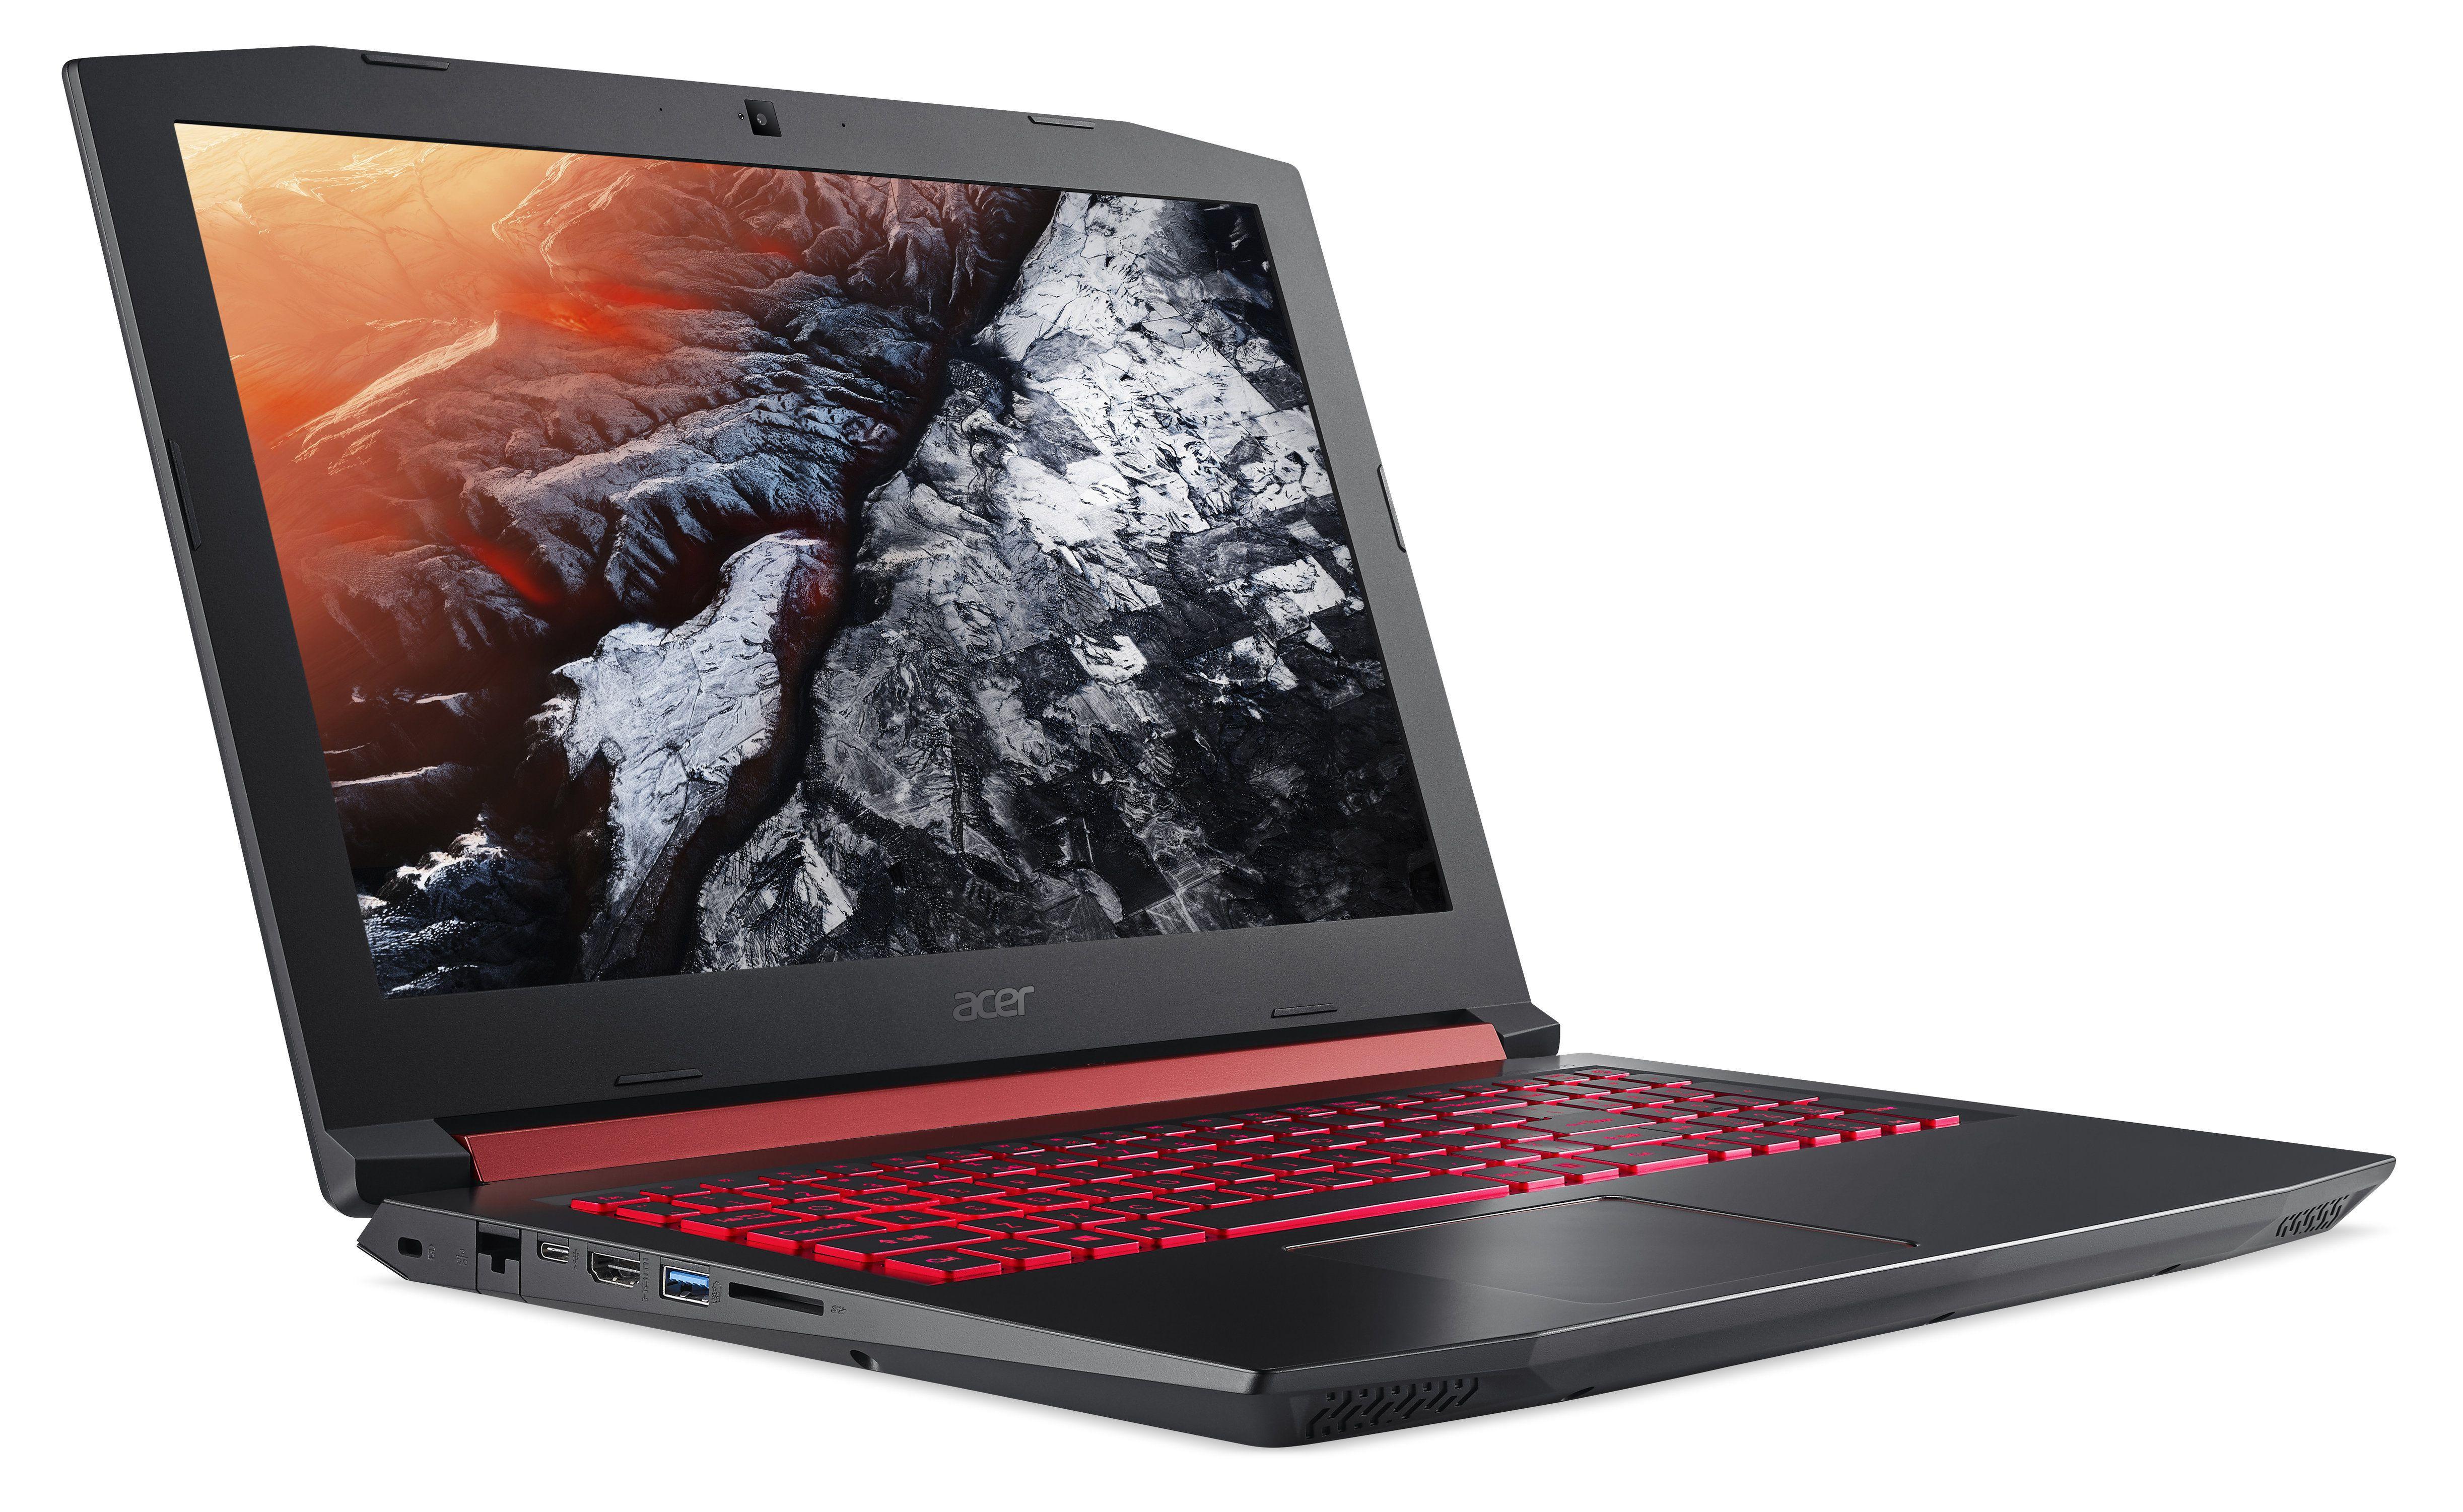 Presentata la nuova gamma di computer Acer